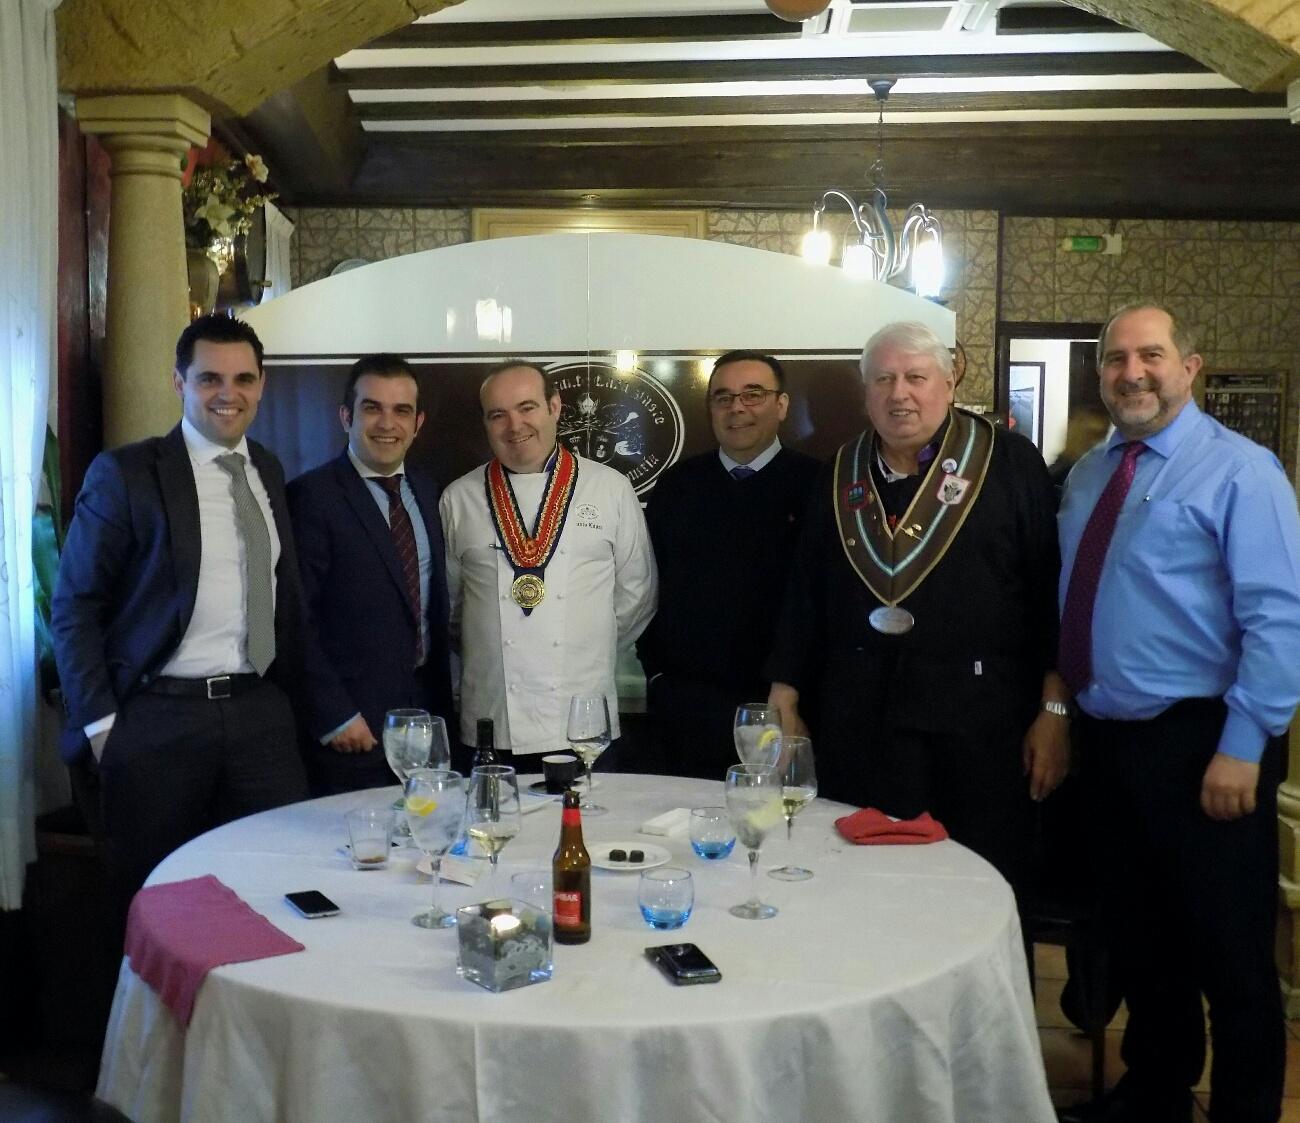 Aún puedes disfrutar del gran VII Encuentro Gastronómico Tomelloso-Asturias de Casa Justo